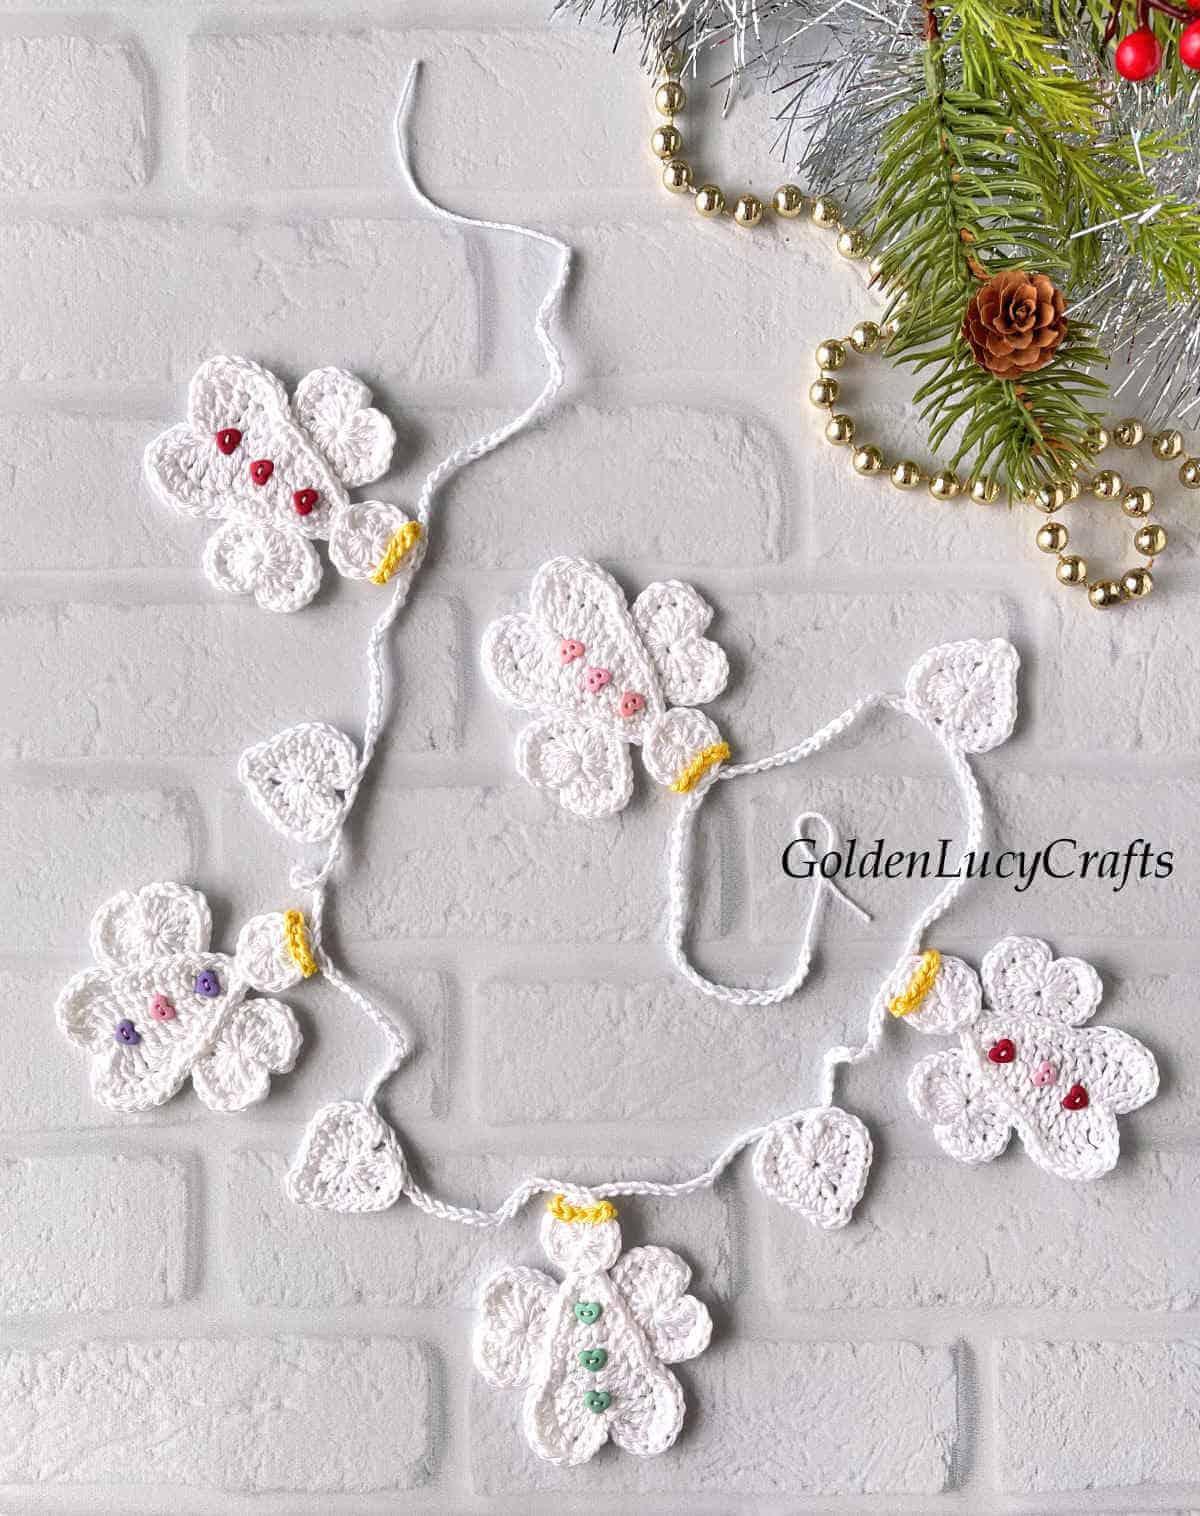 Guirlanda de Natal em crochê com anjos e corações em forma de coração.